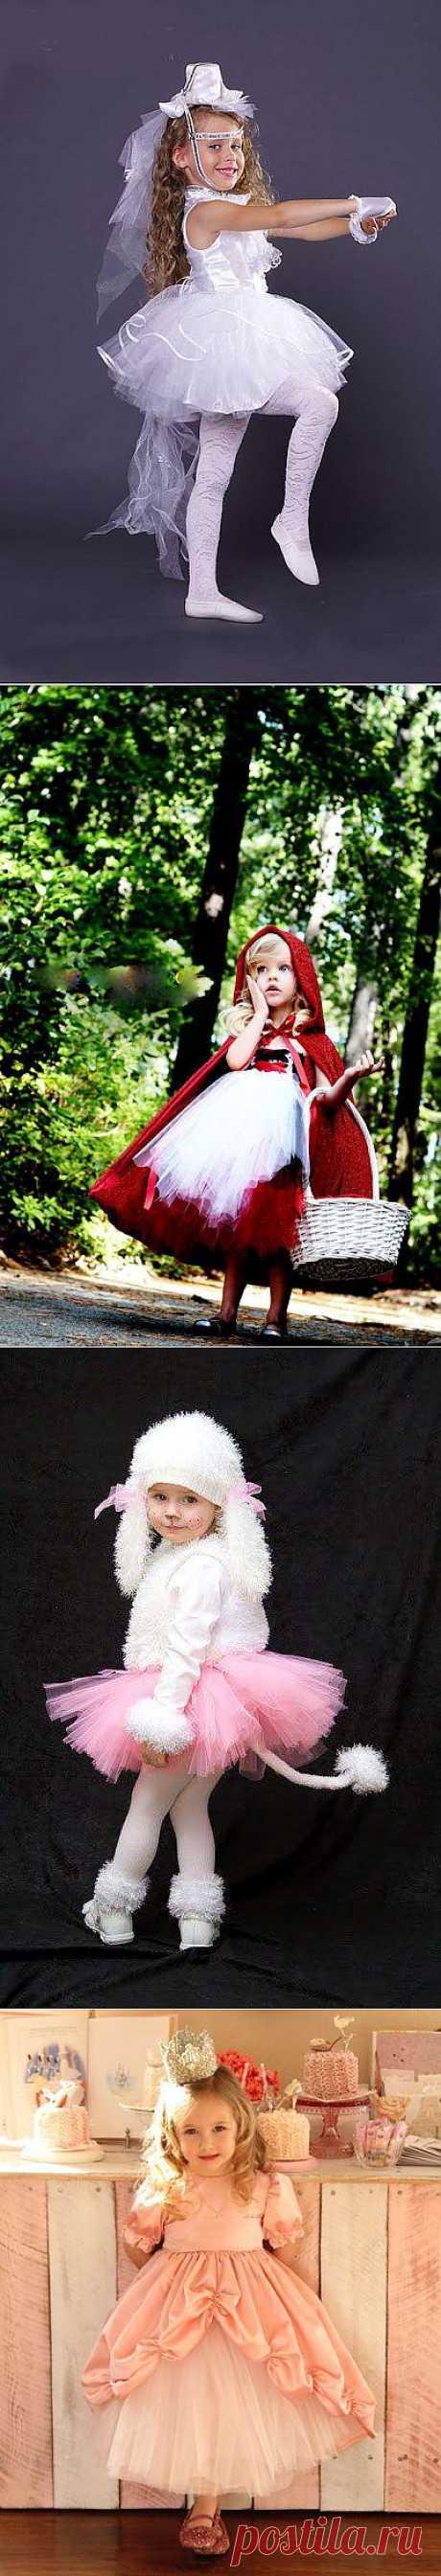 Около 60 идей для карнавальных костюмов :) - Ярмарка Мастеров - ручная работа, handmade